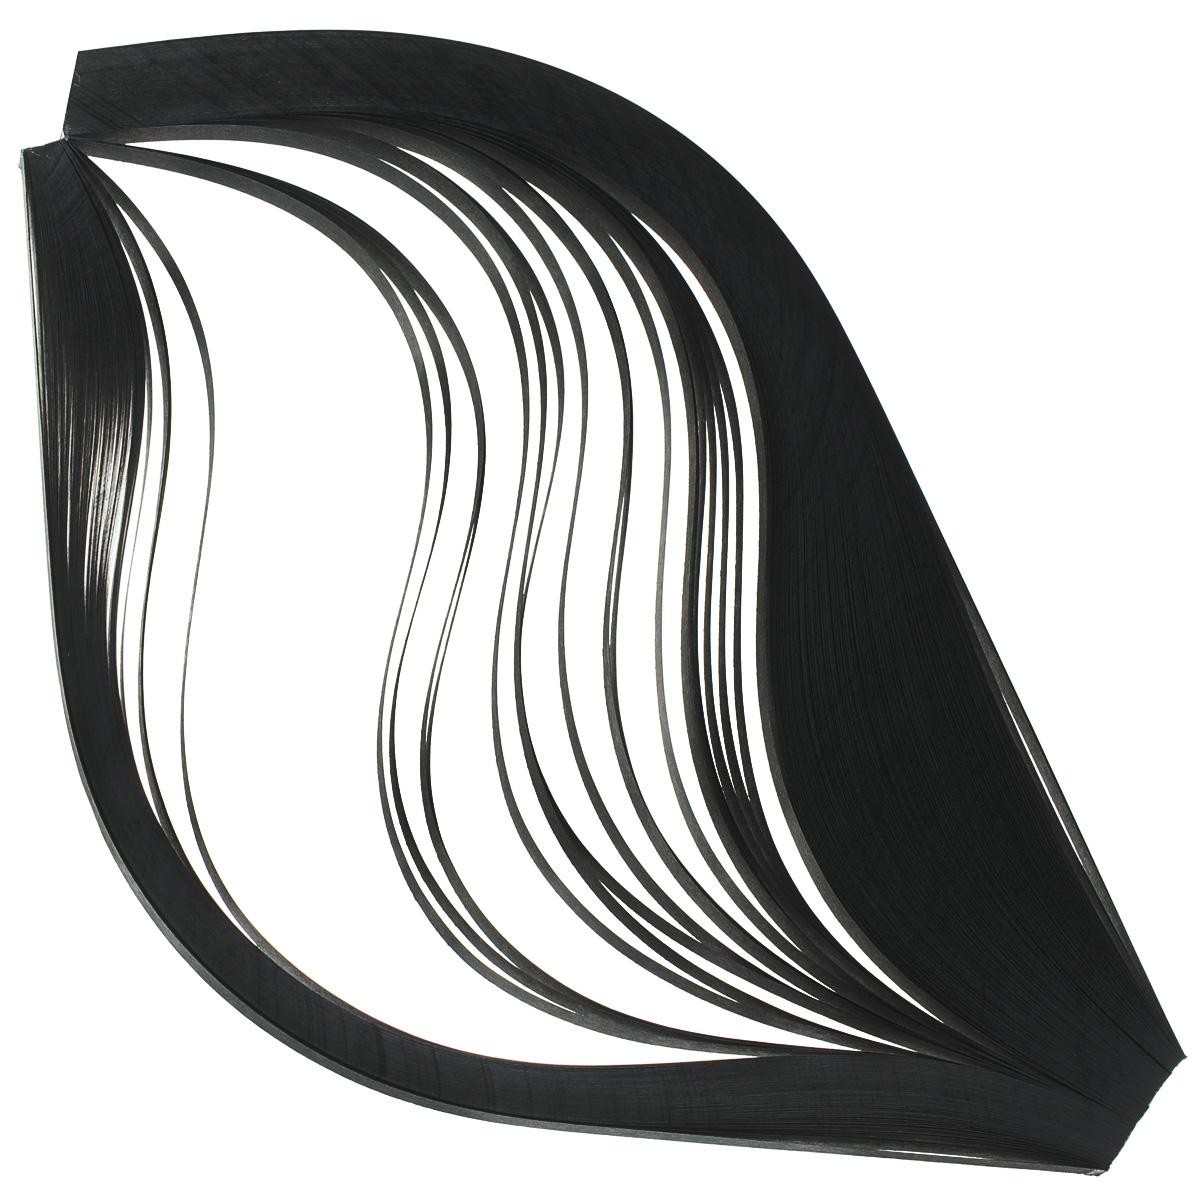 Бумага для квиллинга АртНева, цвет: черный, ширина 5 мм, 250 листов544173Бумага для квиллинга АртНева - это порезанные специальным образом полоски бумаги определенной плотности. Такая бумага пластична, не расслаивается, легко и равномерно закручивается в спираль, благодаря чему готовым спиралям легче придать форму. Квиллинг (бумагокручение) - техника изготовления плоских или объемных композиций из скрученных в спиральки длинных и узких полосок бумаги. Из бумажных спиралей создаются необычные цветы и красивые витиеватые узоры, которые в дальнейшем можно использовать для украшения открыток, альбомов, подарочных упаковок, рамок для фотографий и даже для создания оригинальных бижутерий. Это простой и очень красивый вид рукоделия, не требующий больших затрат. Ширина полоски бумаги: 5 мм.Длина полоски бумаги: 29,7 см.Плотность бумаги: 80 г/м2.